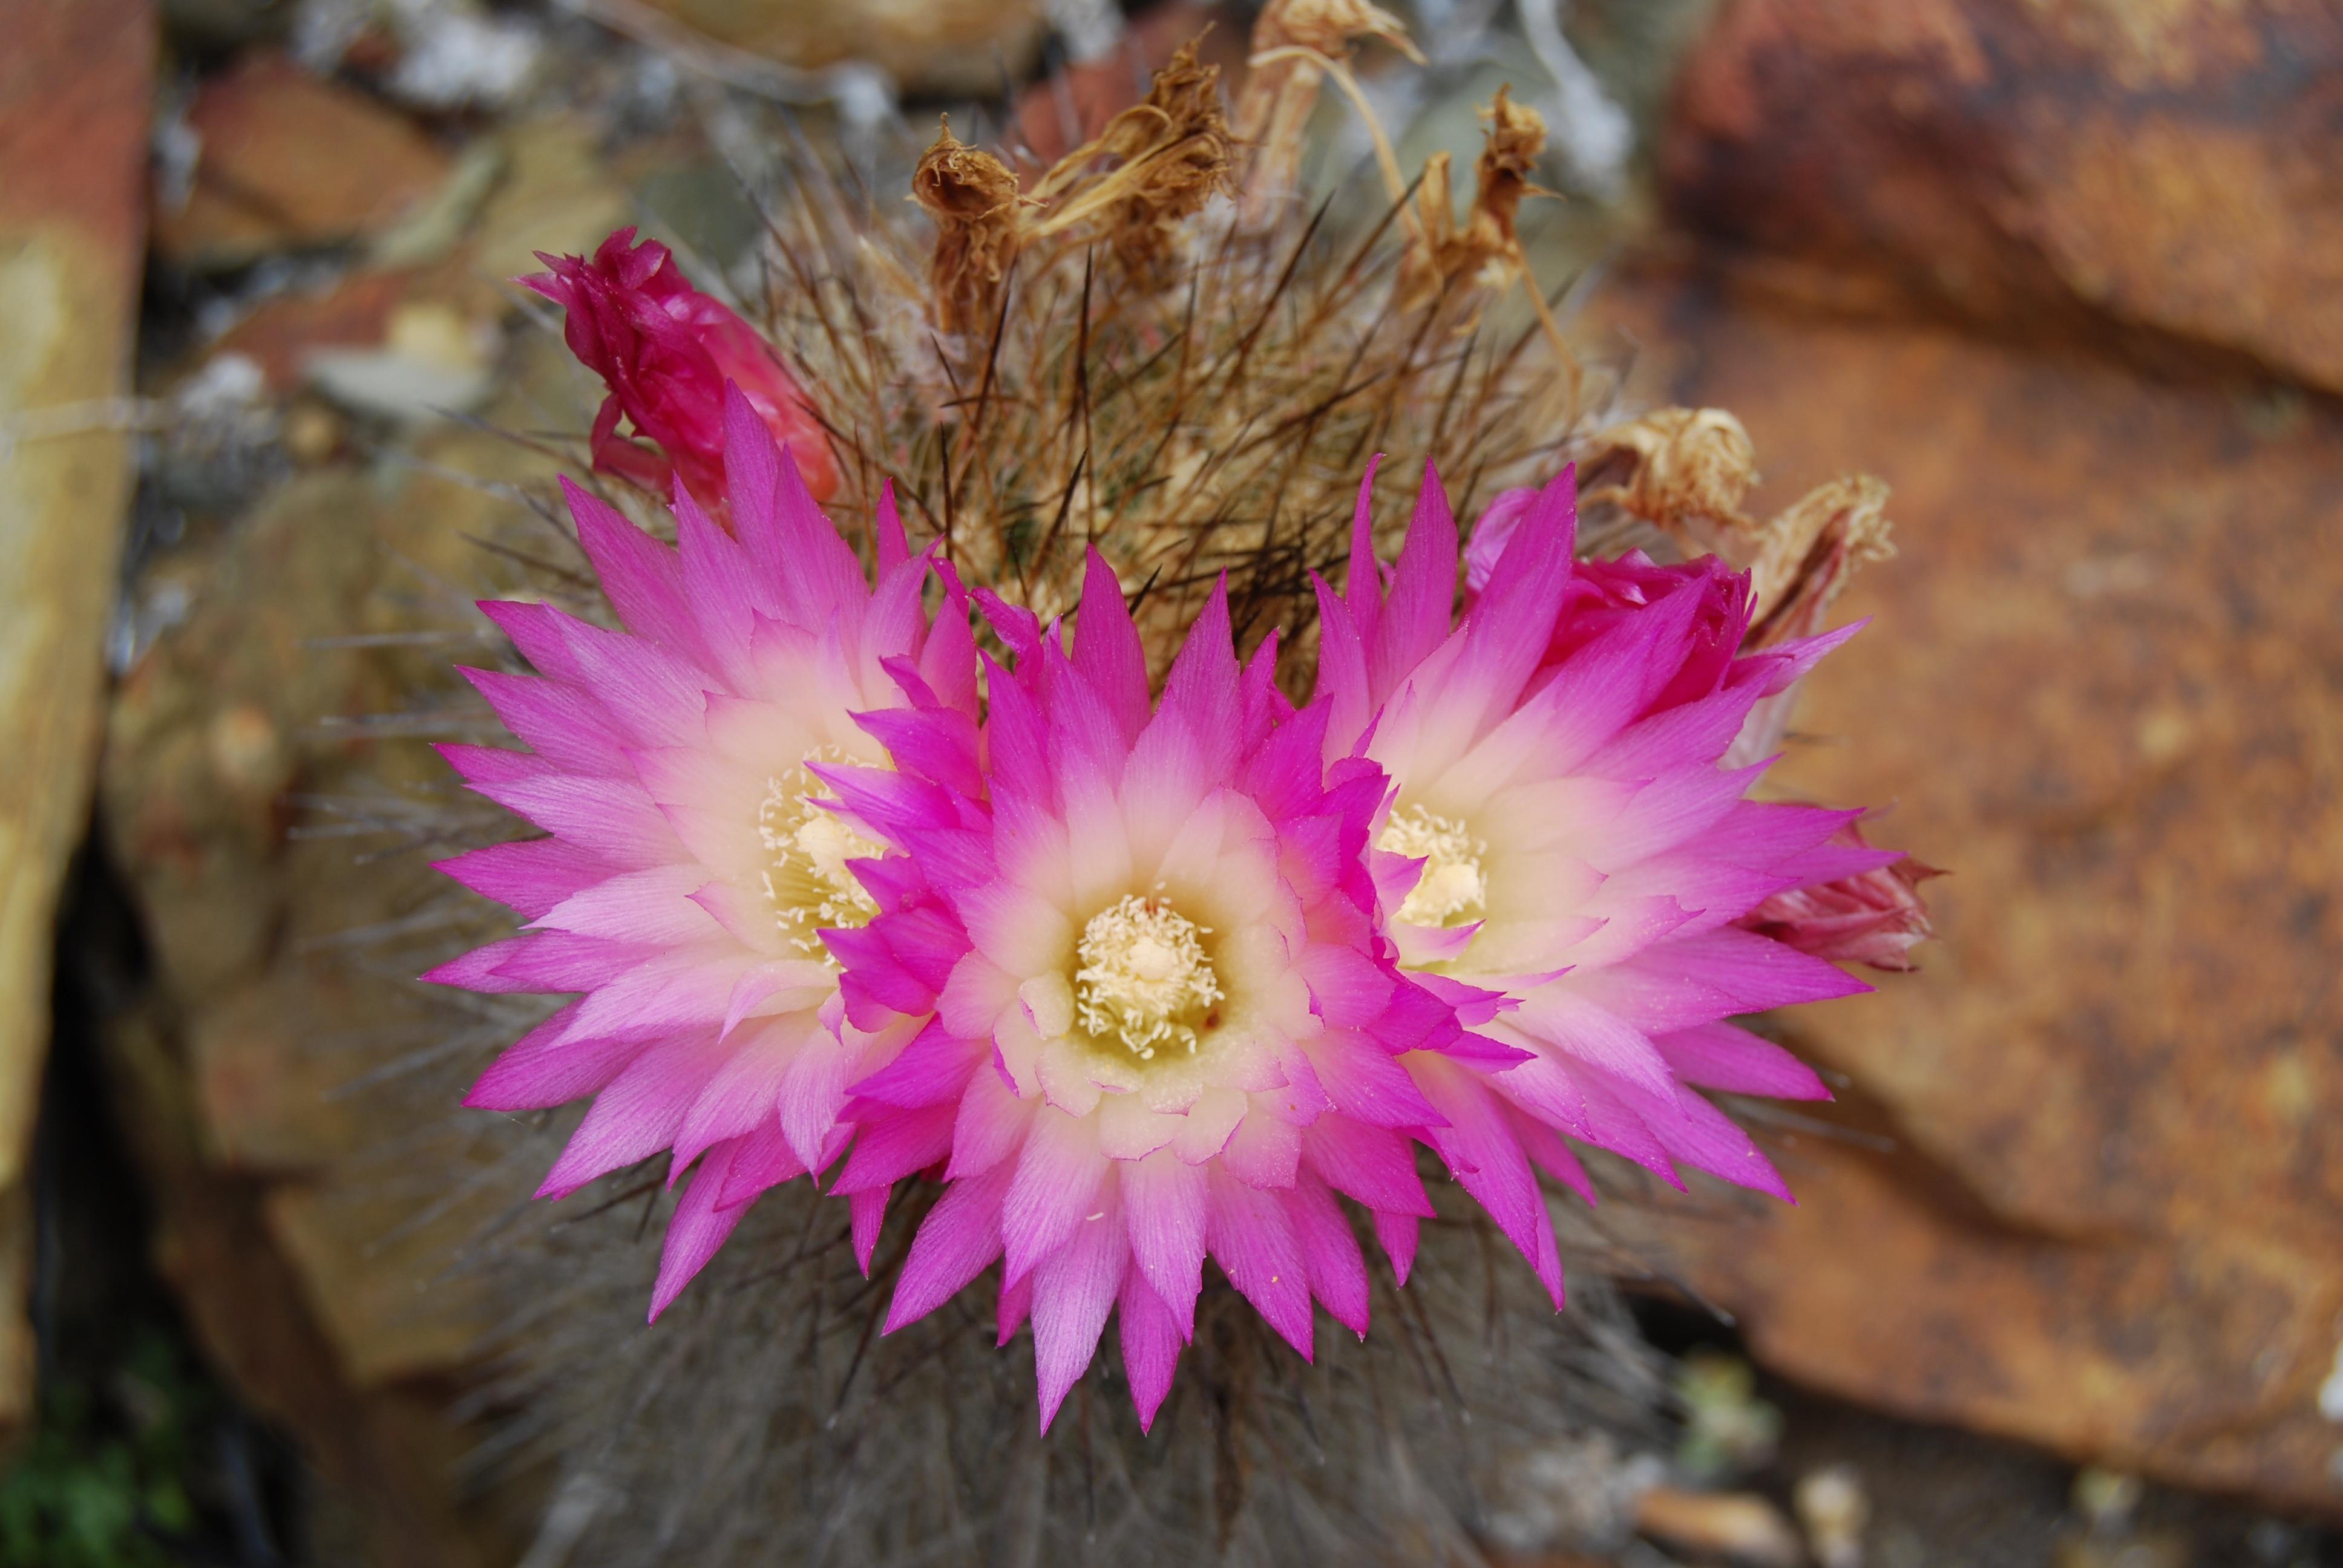 Közel 600 növényfaj halt ki az elmúlt 250 évben